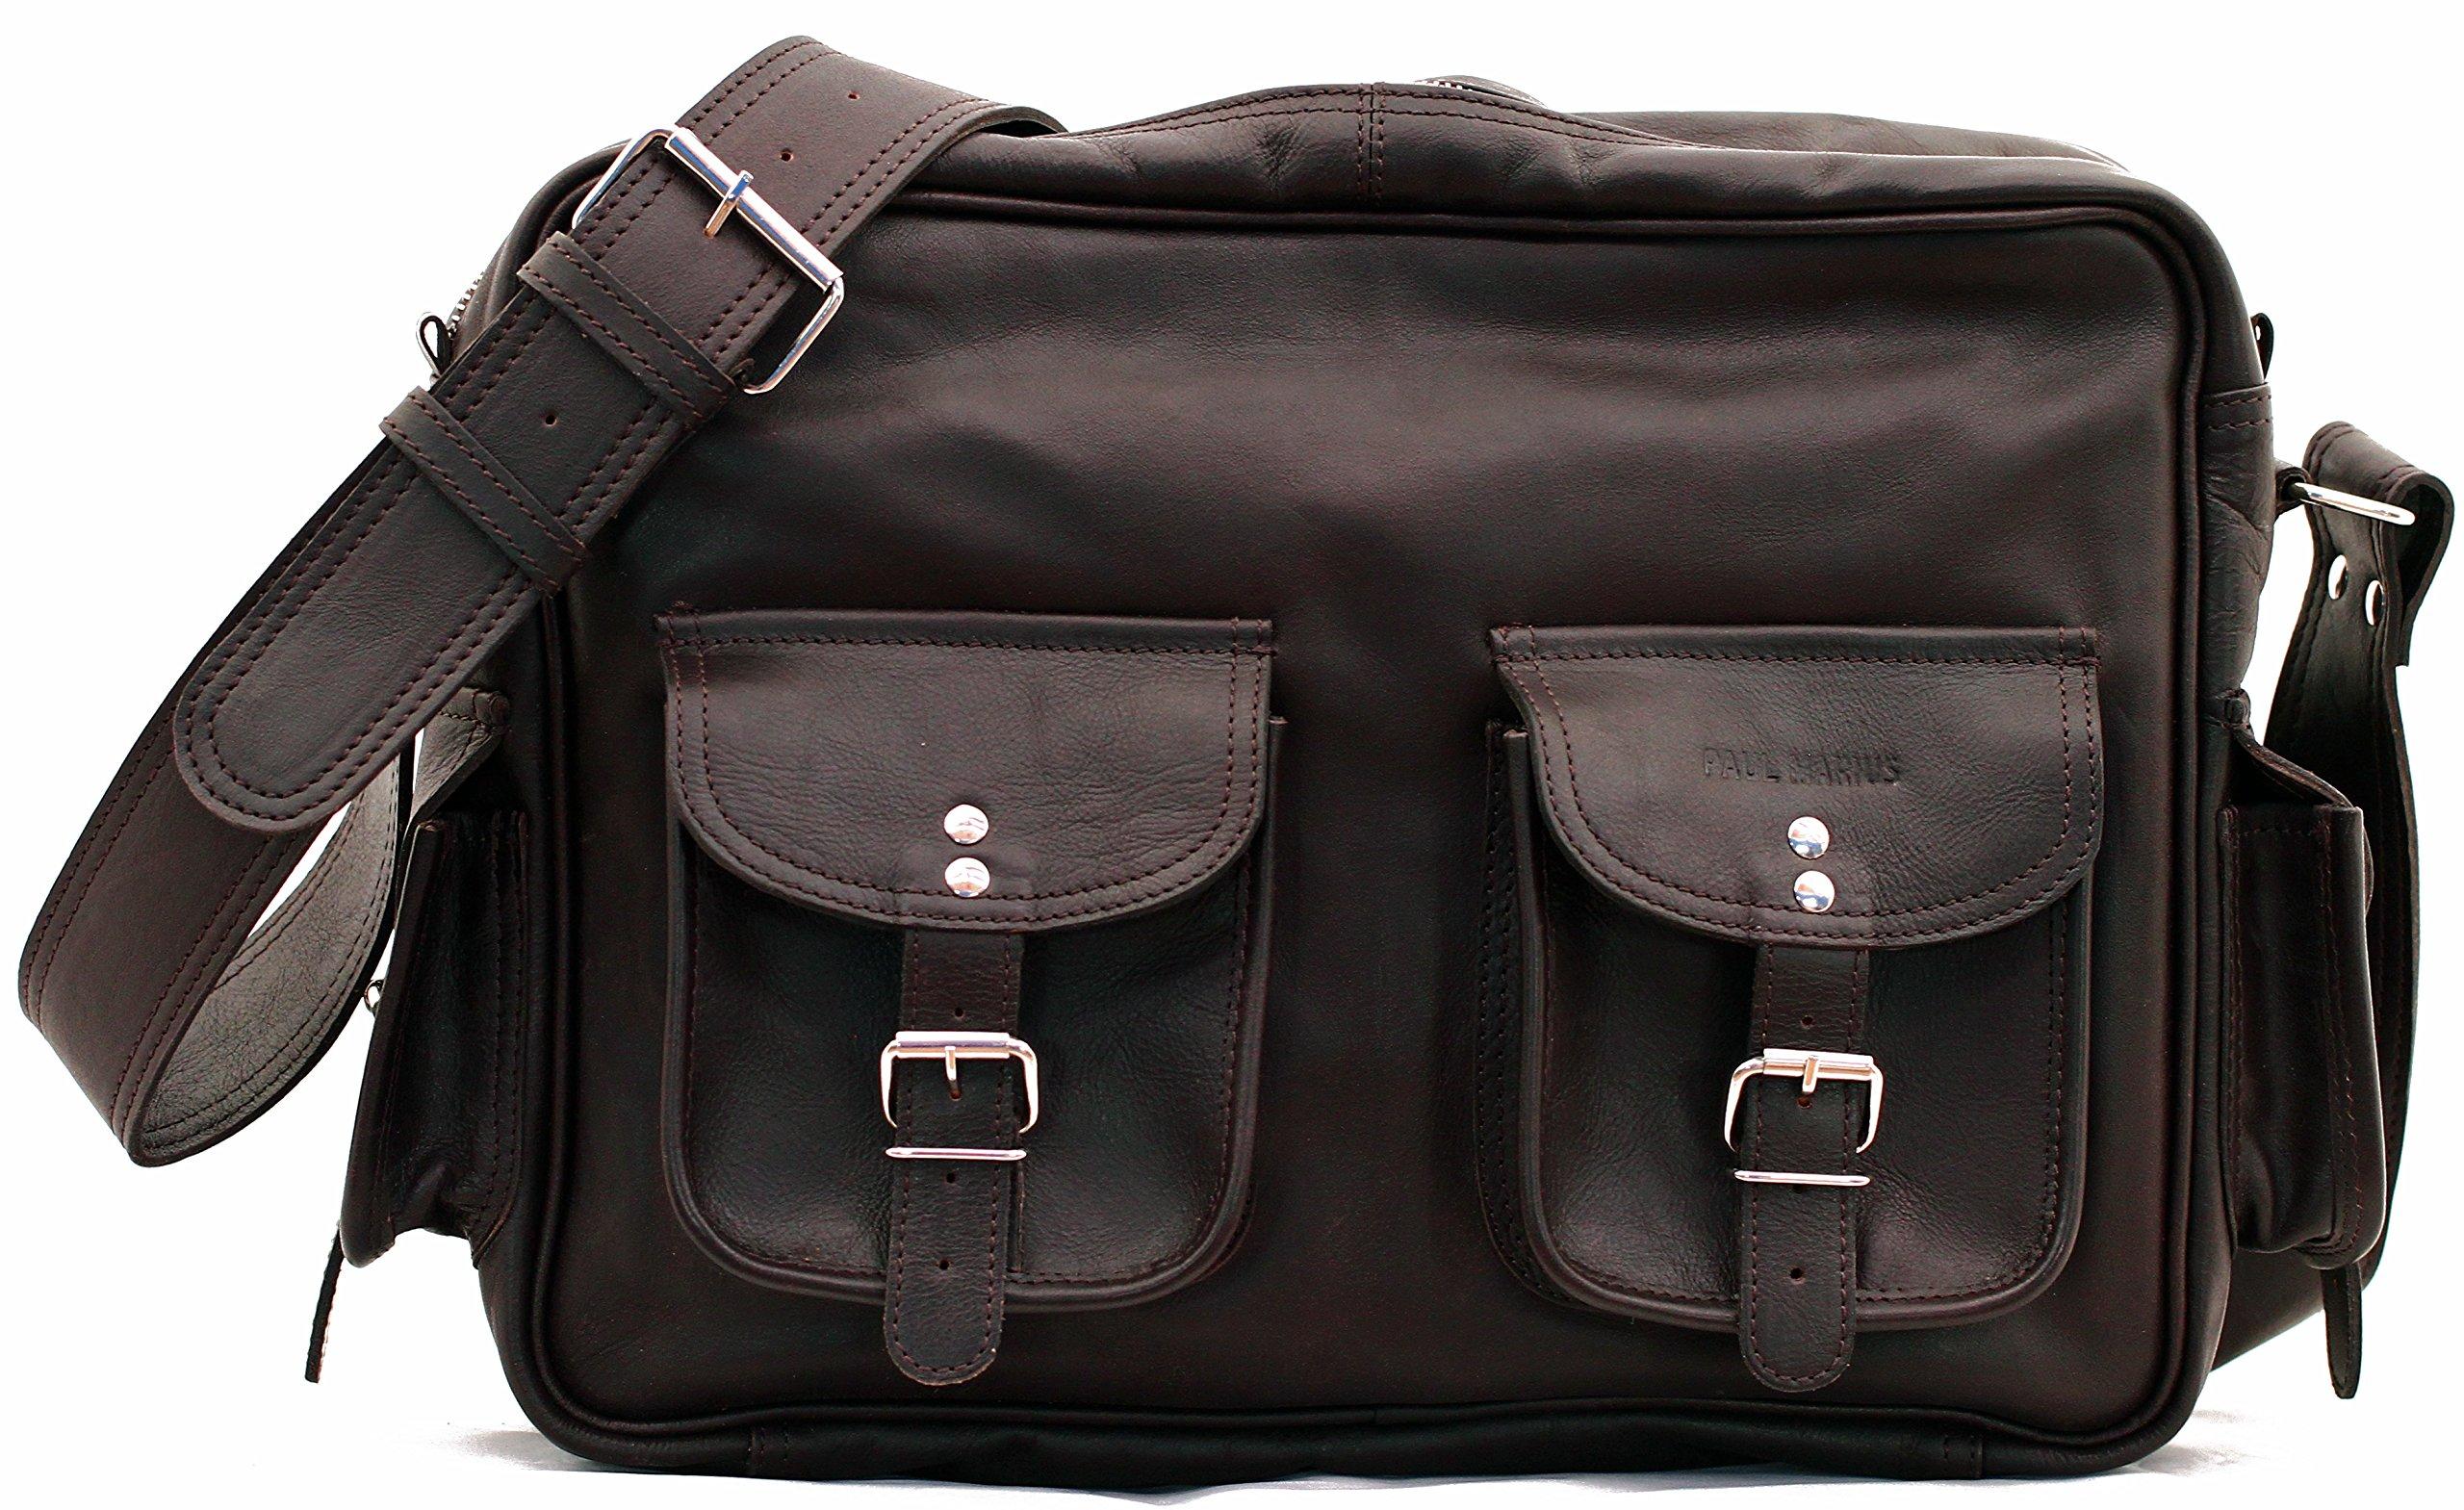 91Ekh2OocLL - PAUL MARIUS LE MULTIPOCHES INDUS, Bolso bandolera de cuero, estilo vintage, bandolera de cuero, bolso con bolsillos…